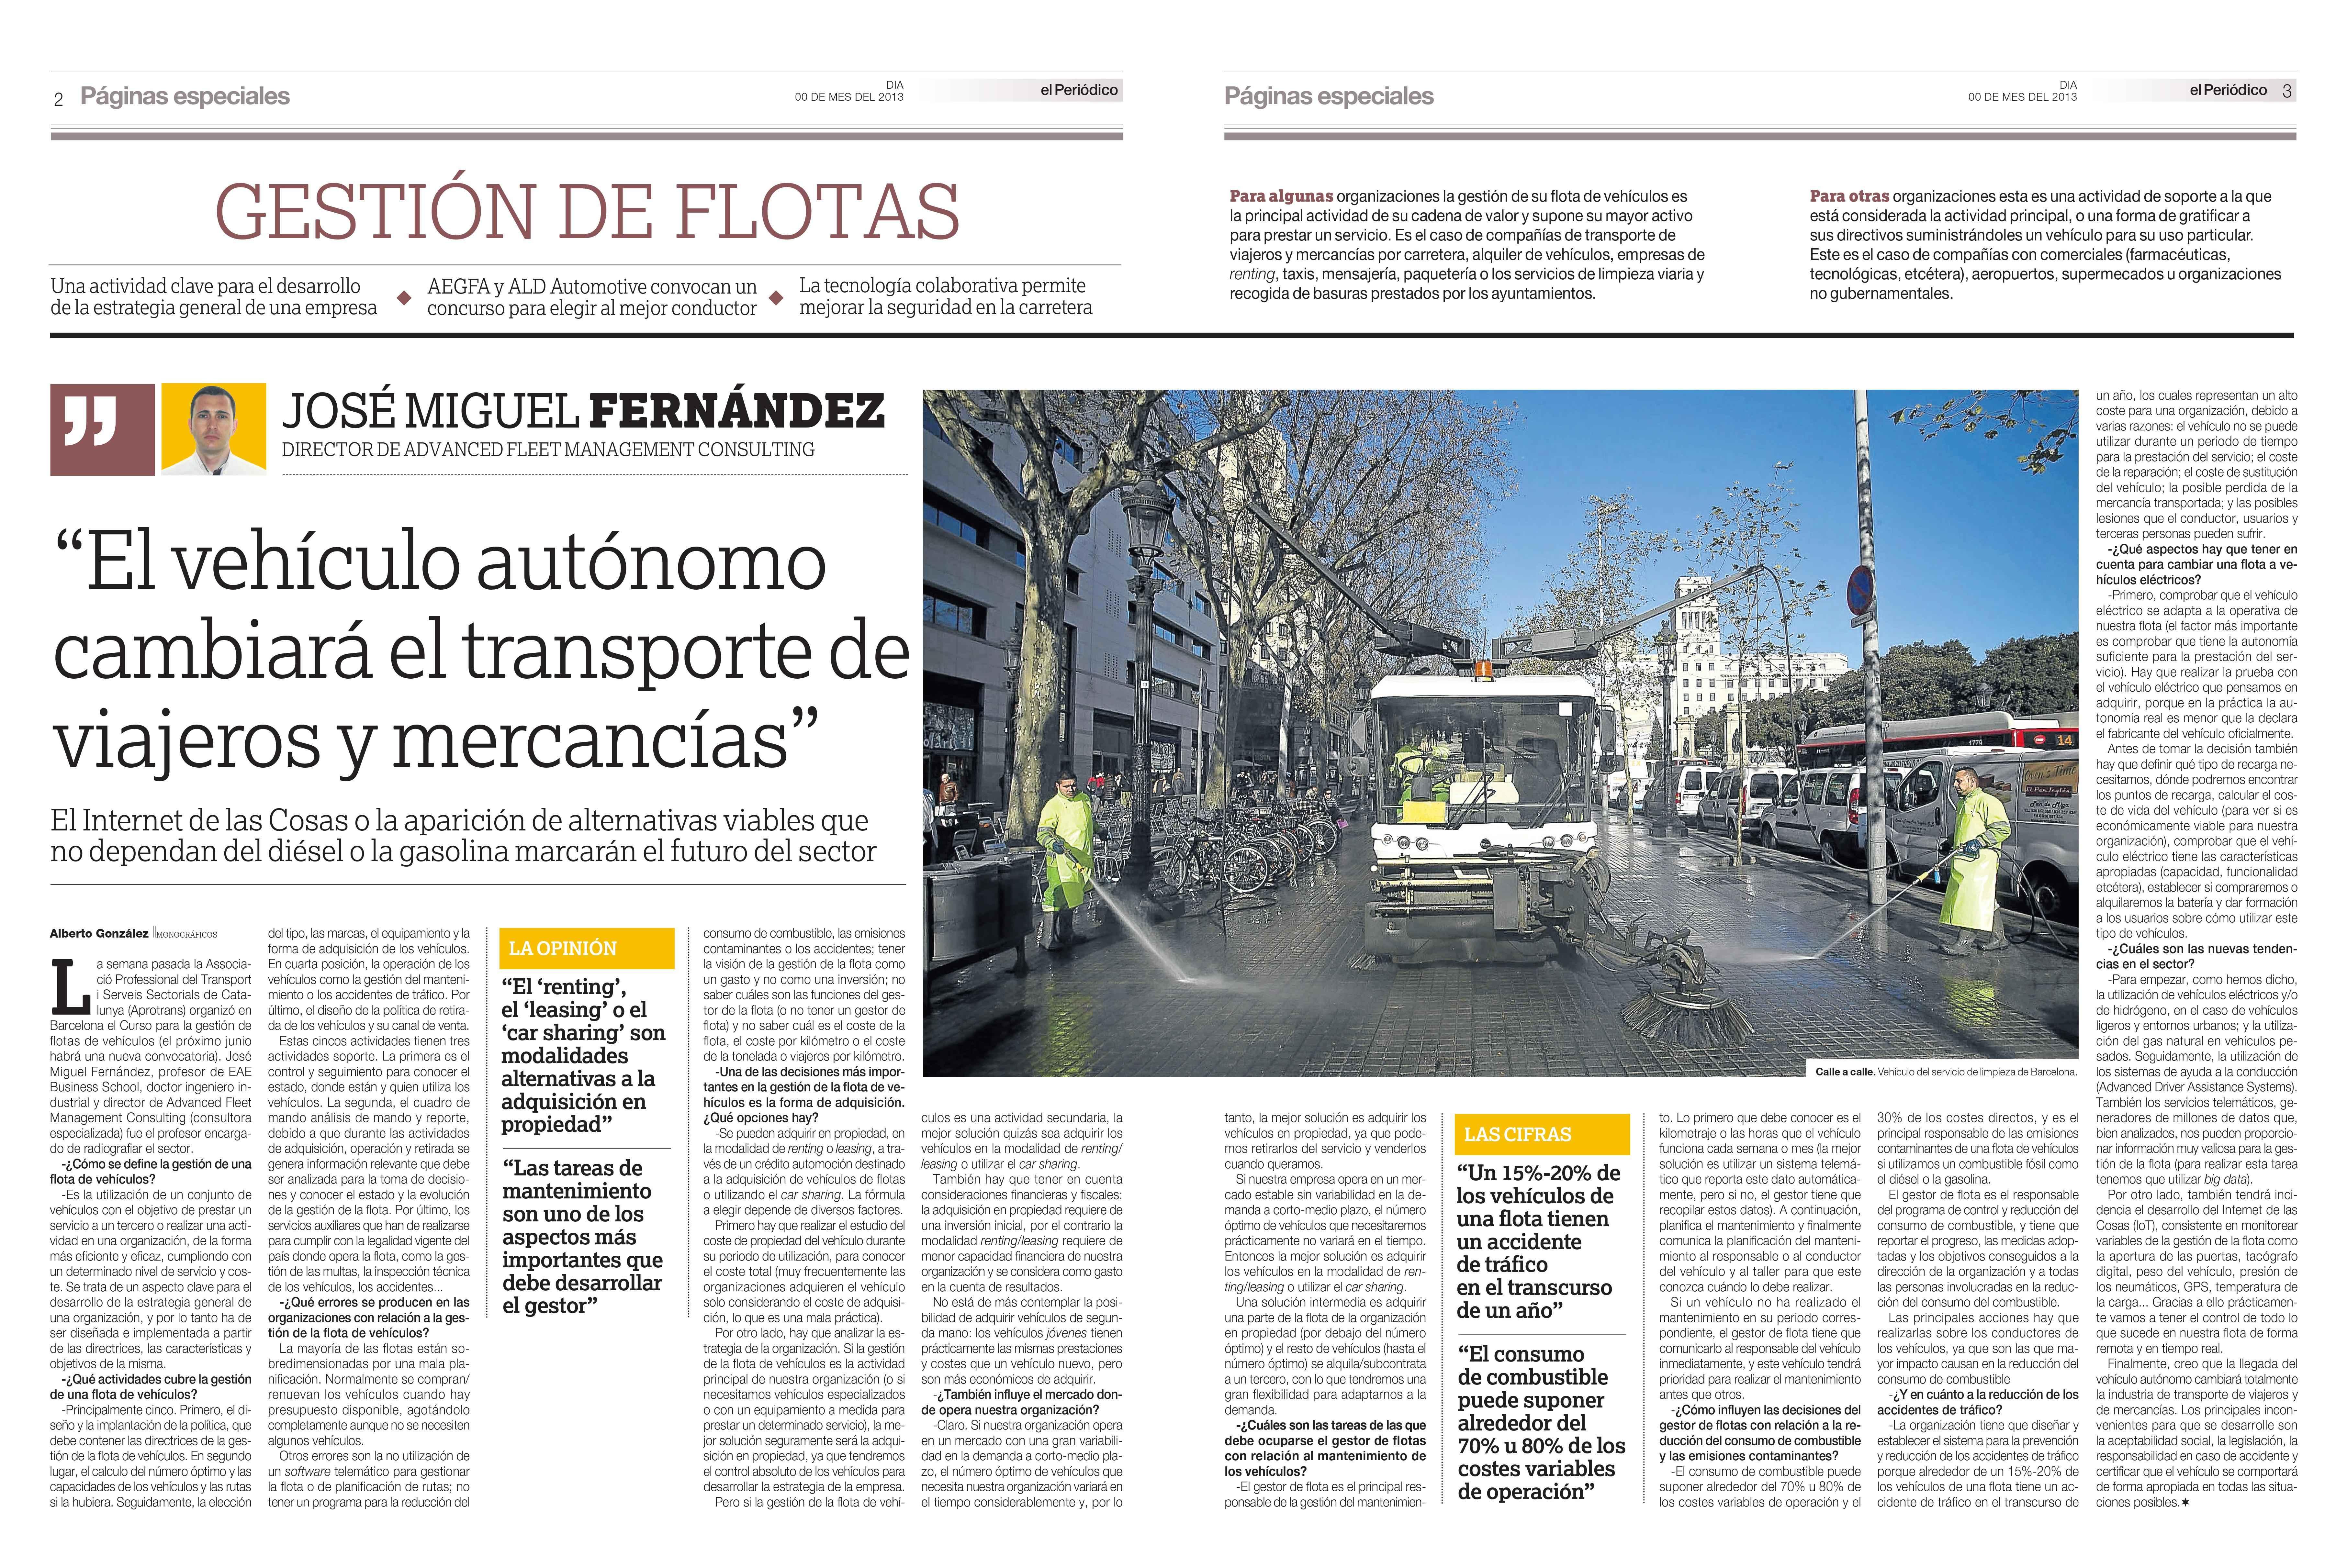 Artículo de gestión de flotas, Periodico de Catalunya 06042017